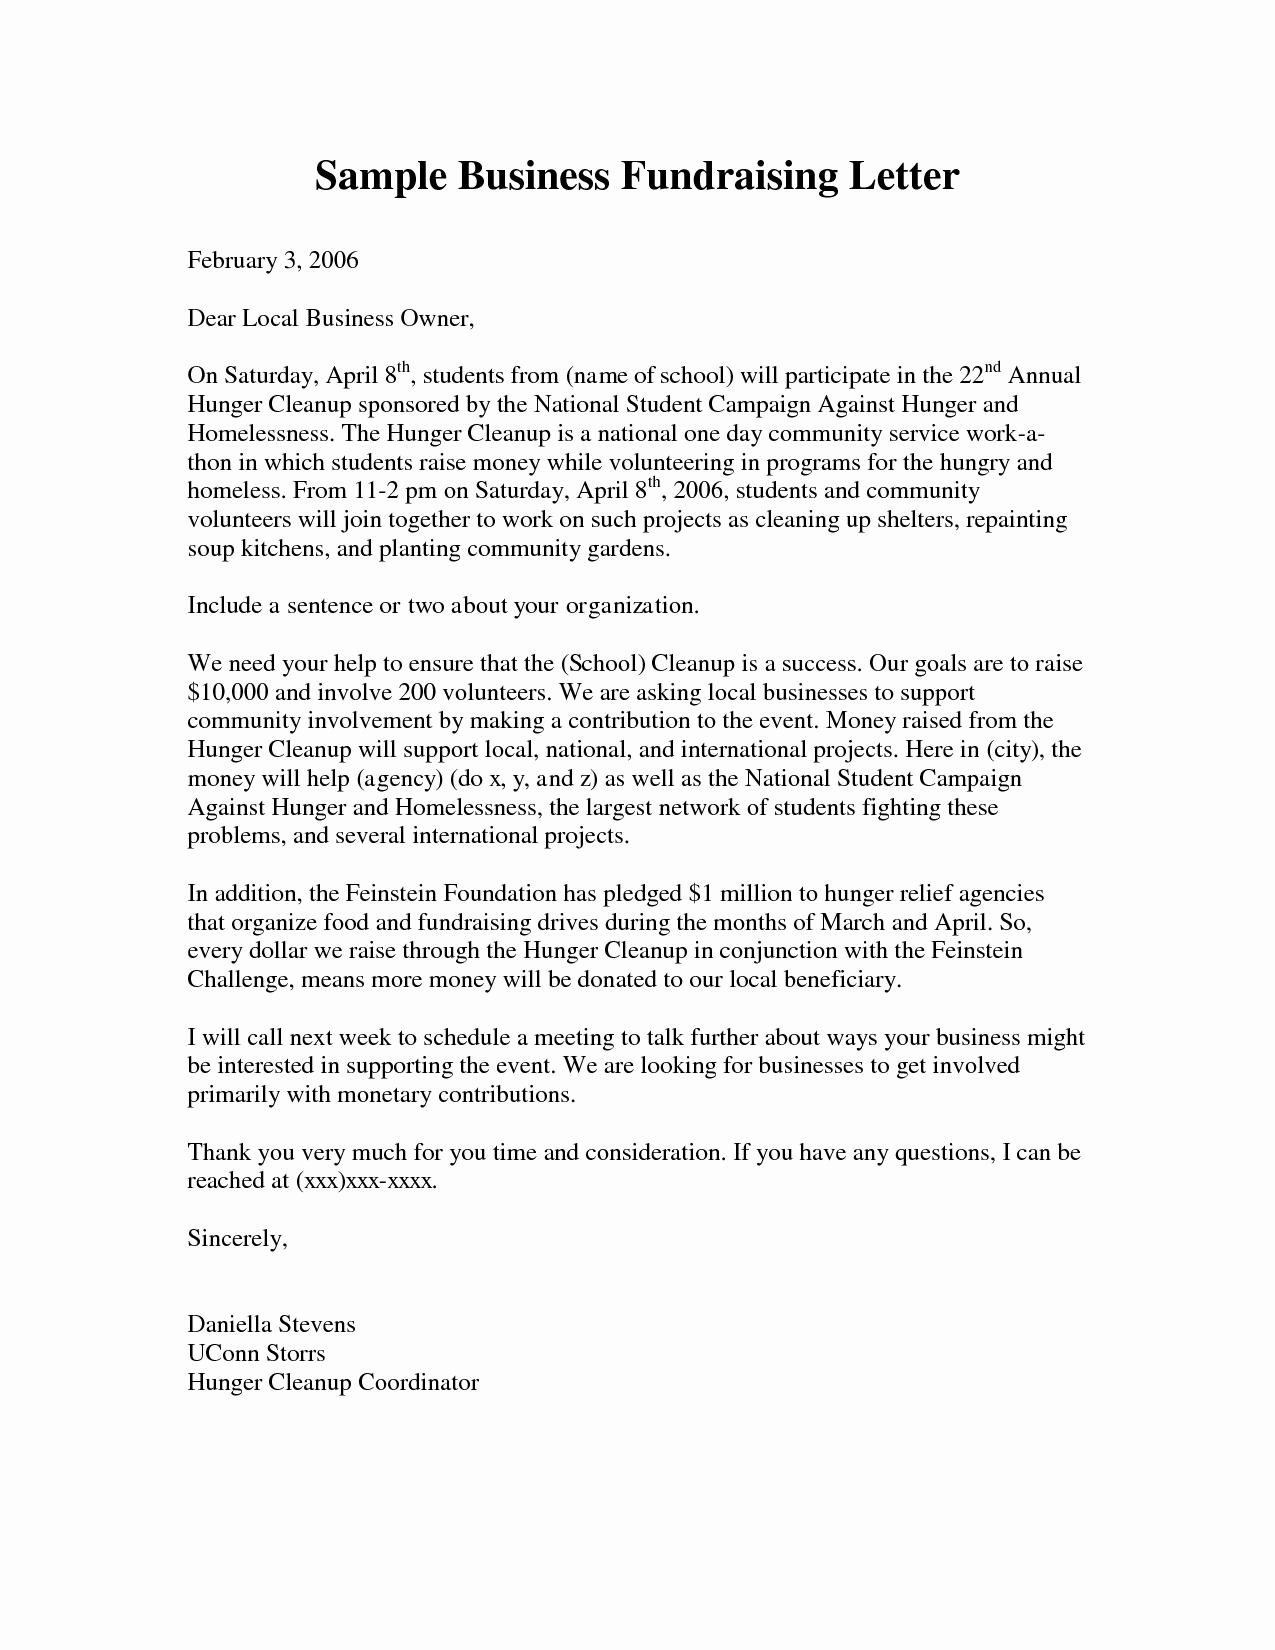 Silent Auction Donation Letter Template - Bid Sheets for Silent Auction Template Lovely Business Fundraising